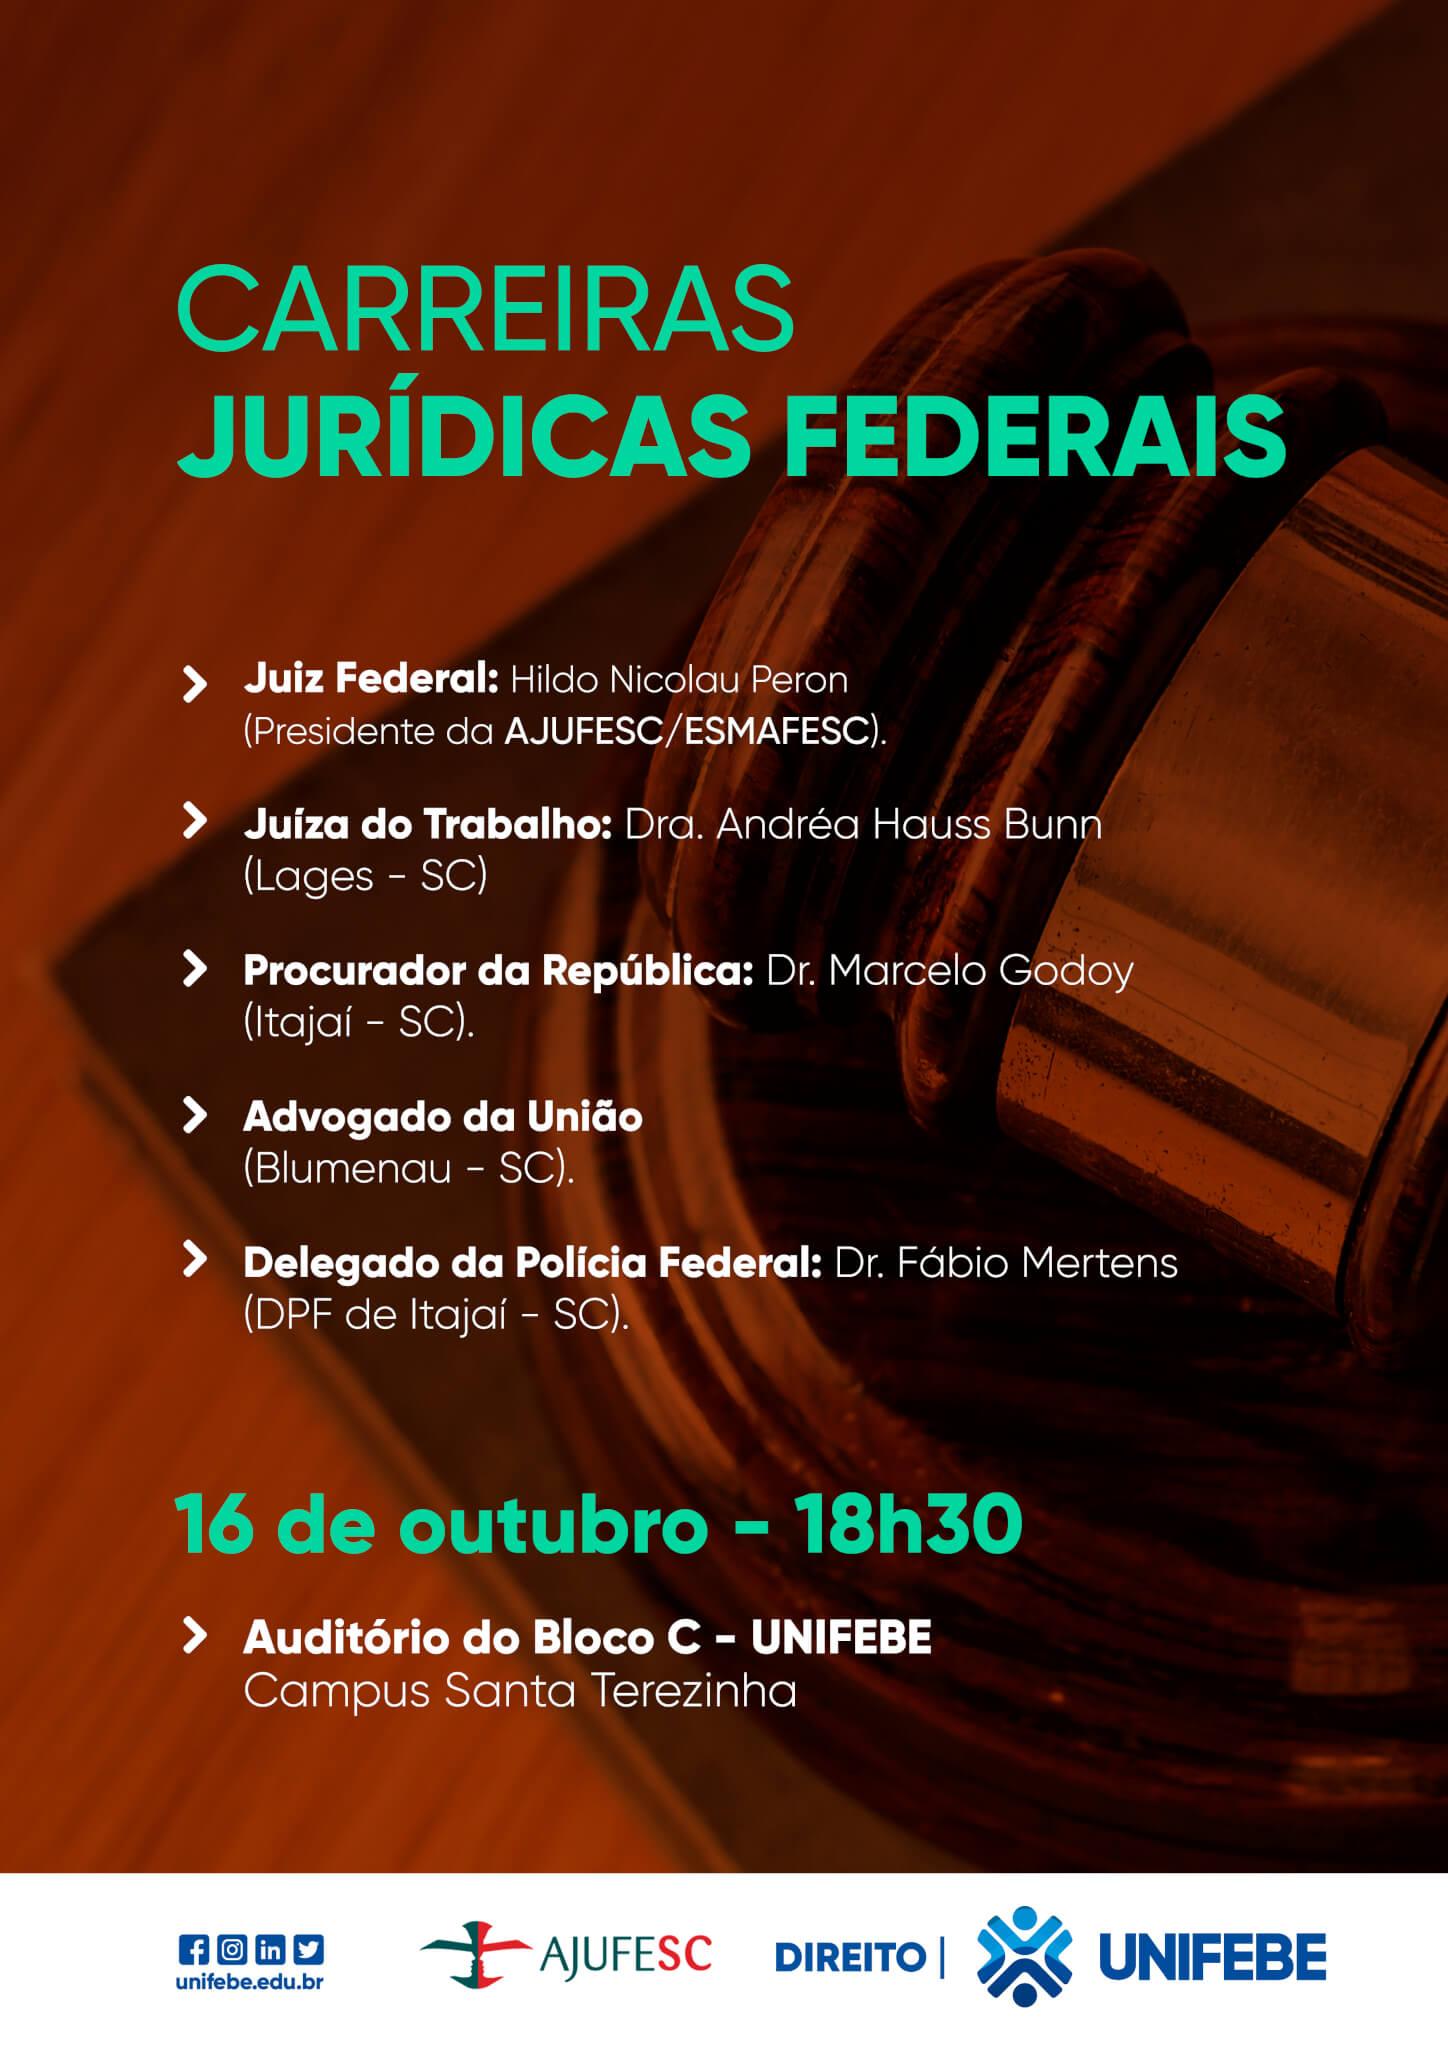 Direito das Carreiras Jurídicas Federais-